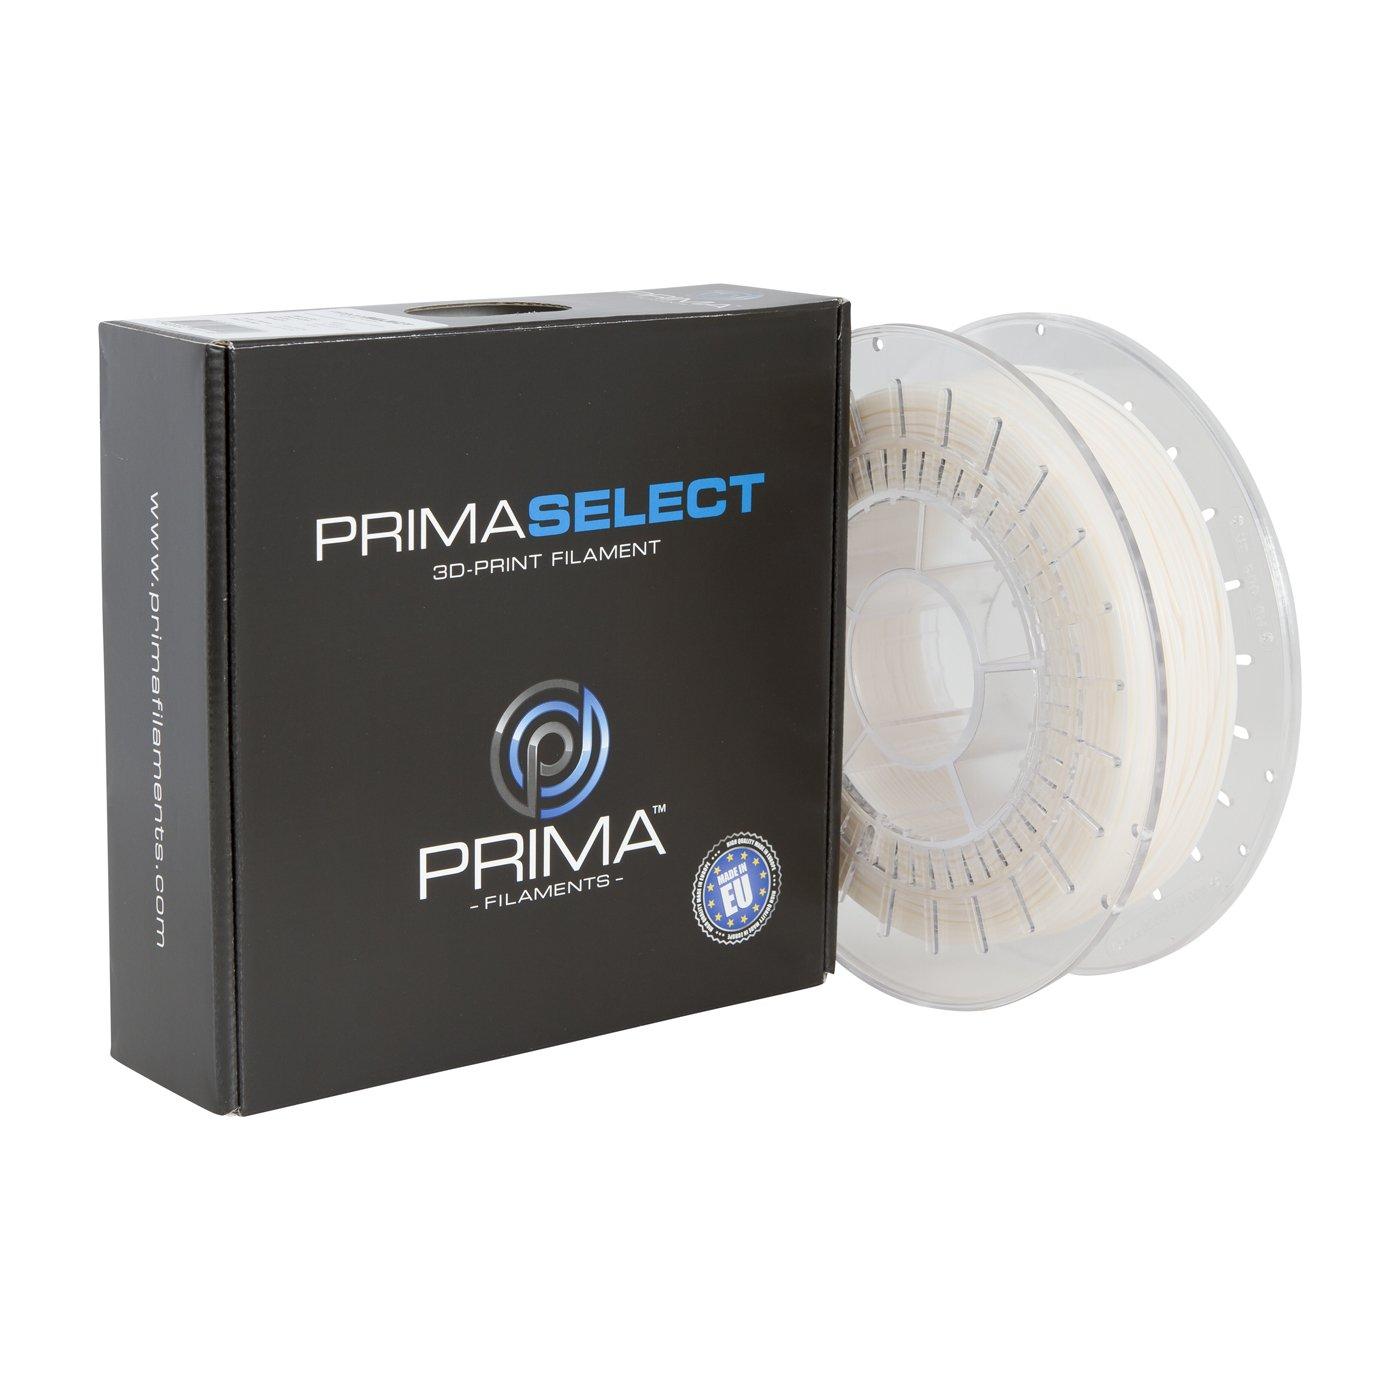 Prima Filaments PS-FLEX-175-0500-BU PrimaSelect FLEX Filament, 1.75 mm, 500 g, Blue 22168